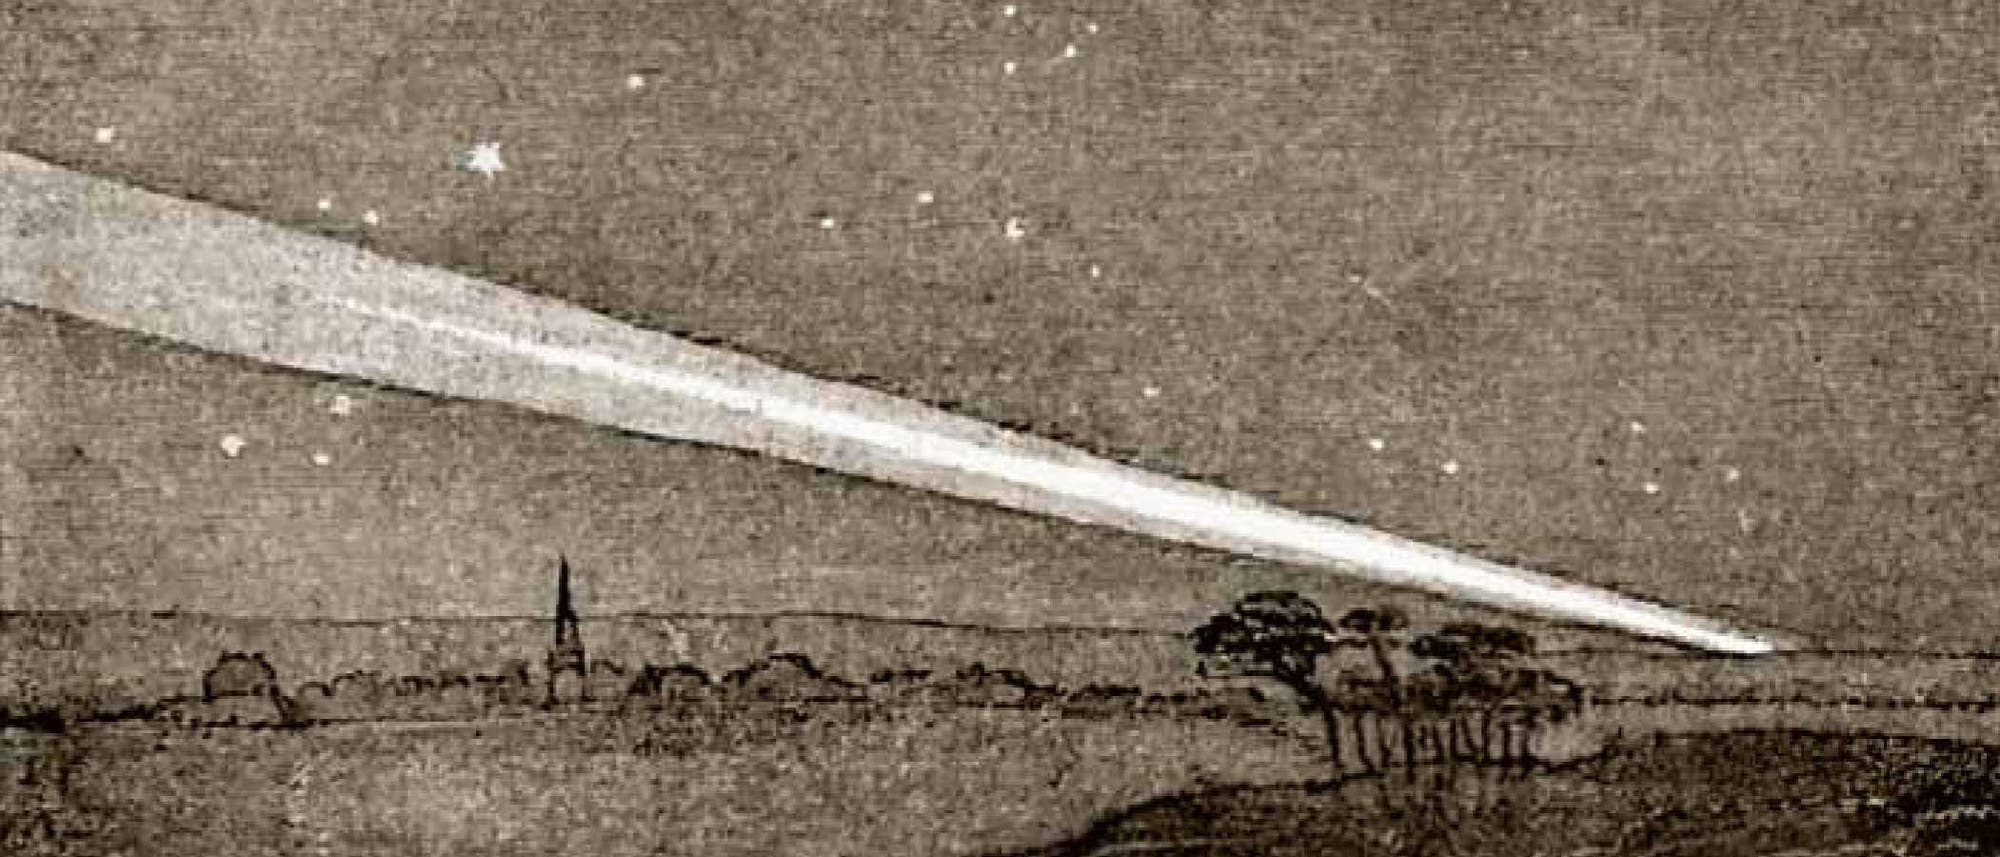 Der »Tageslichtkomet« C/1843 D1